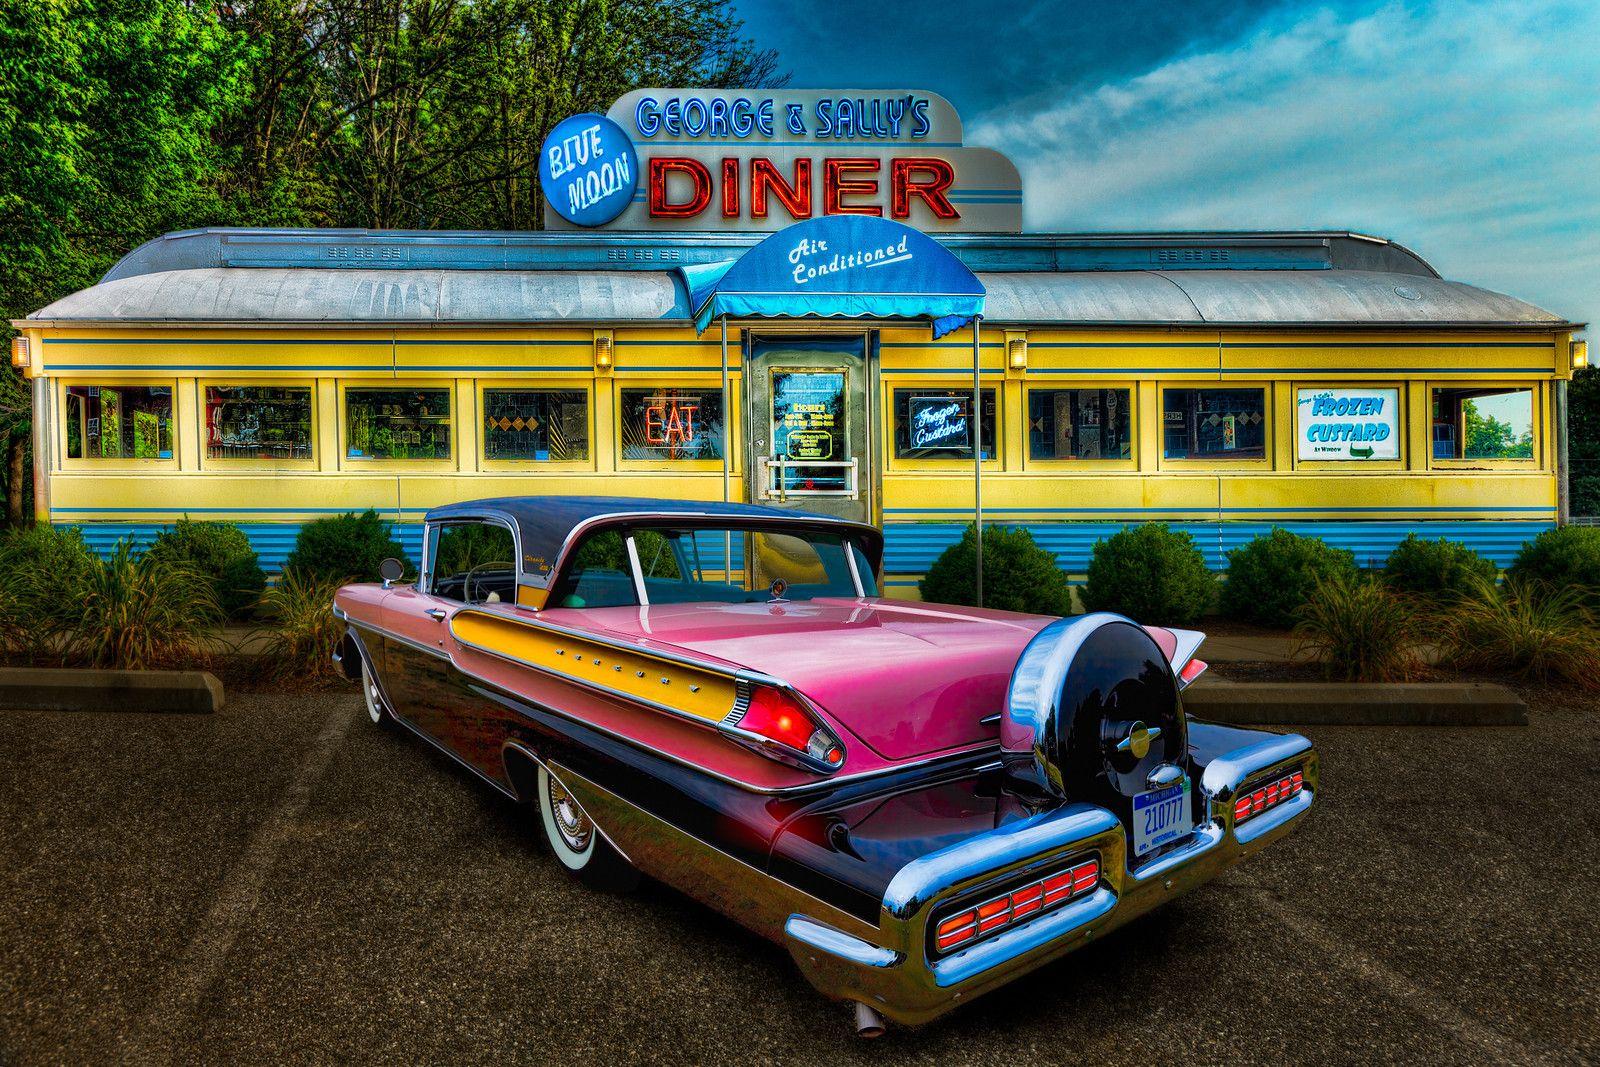 Americana classic car vintage diner diners for Diner artwork